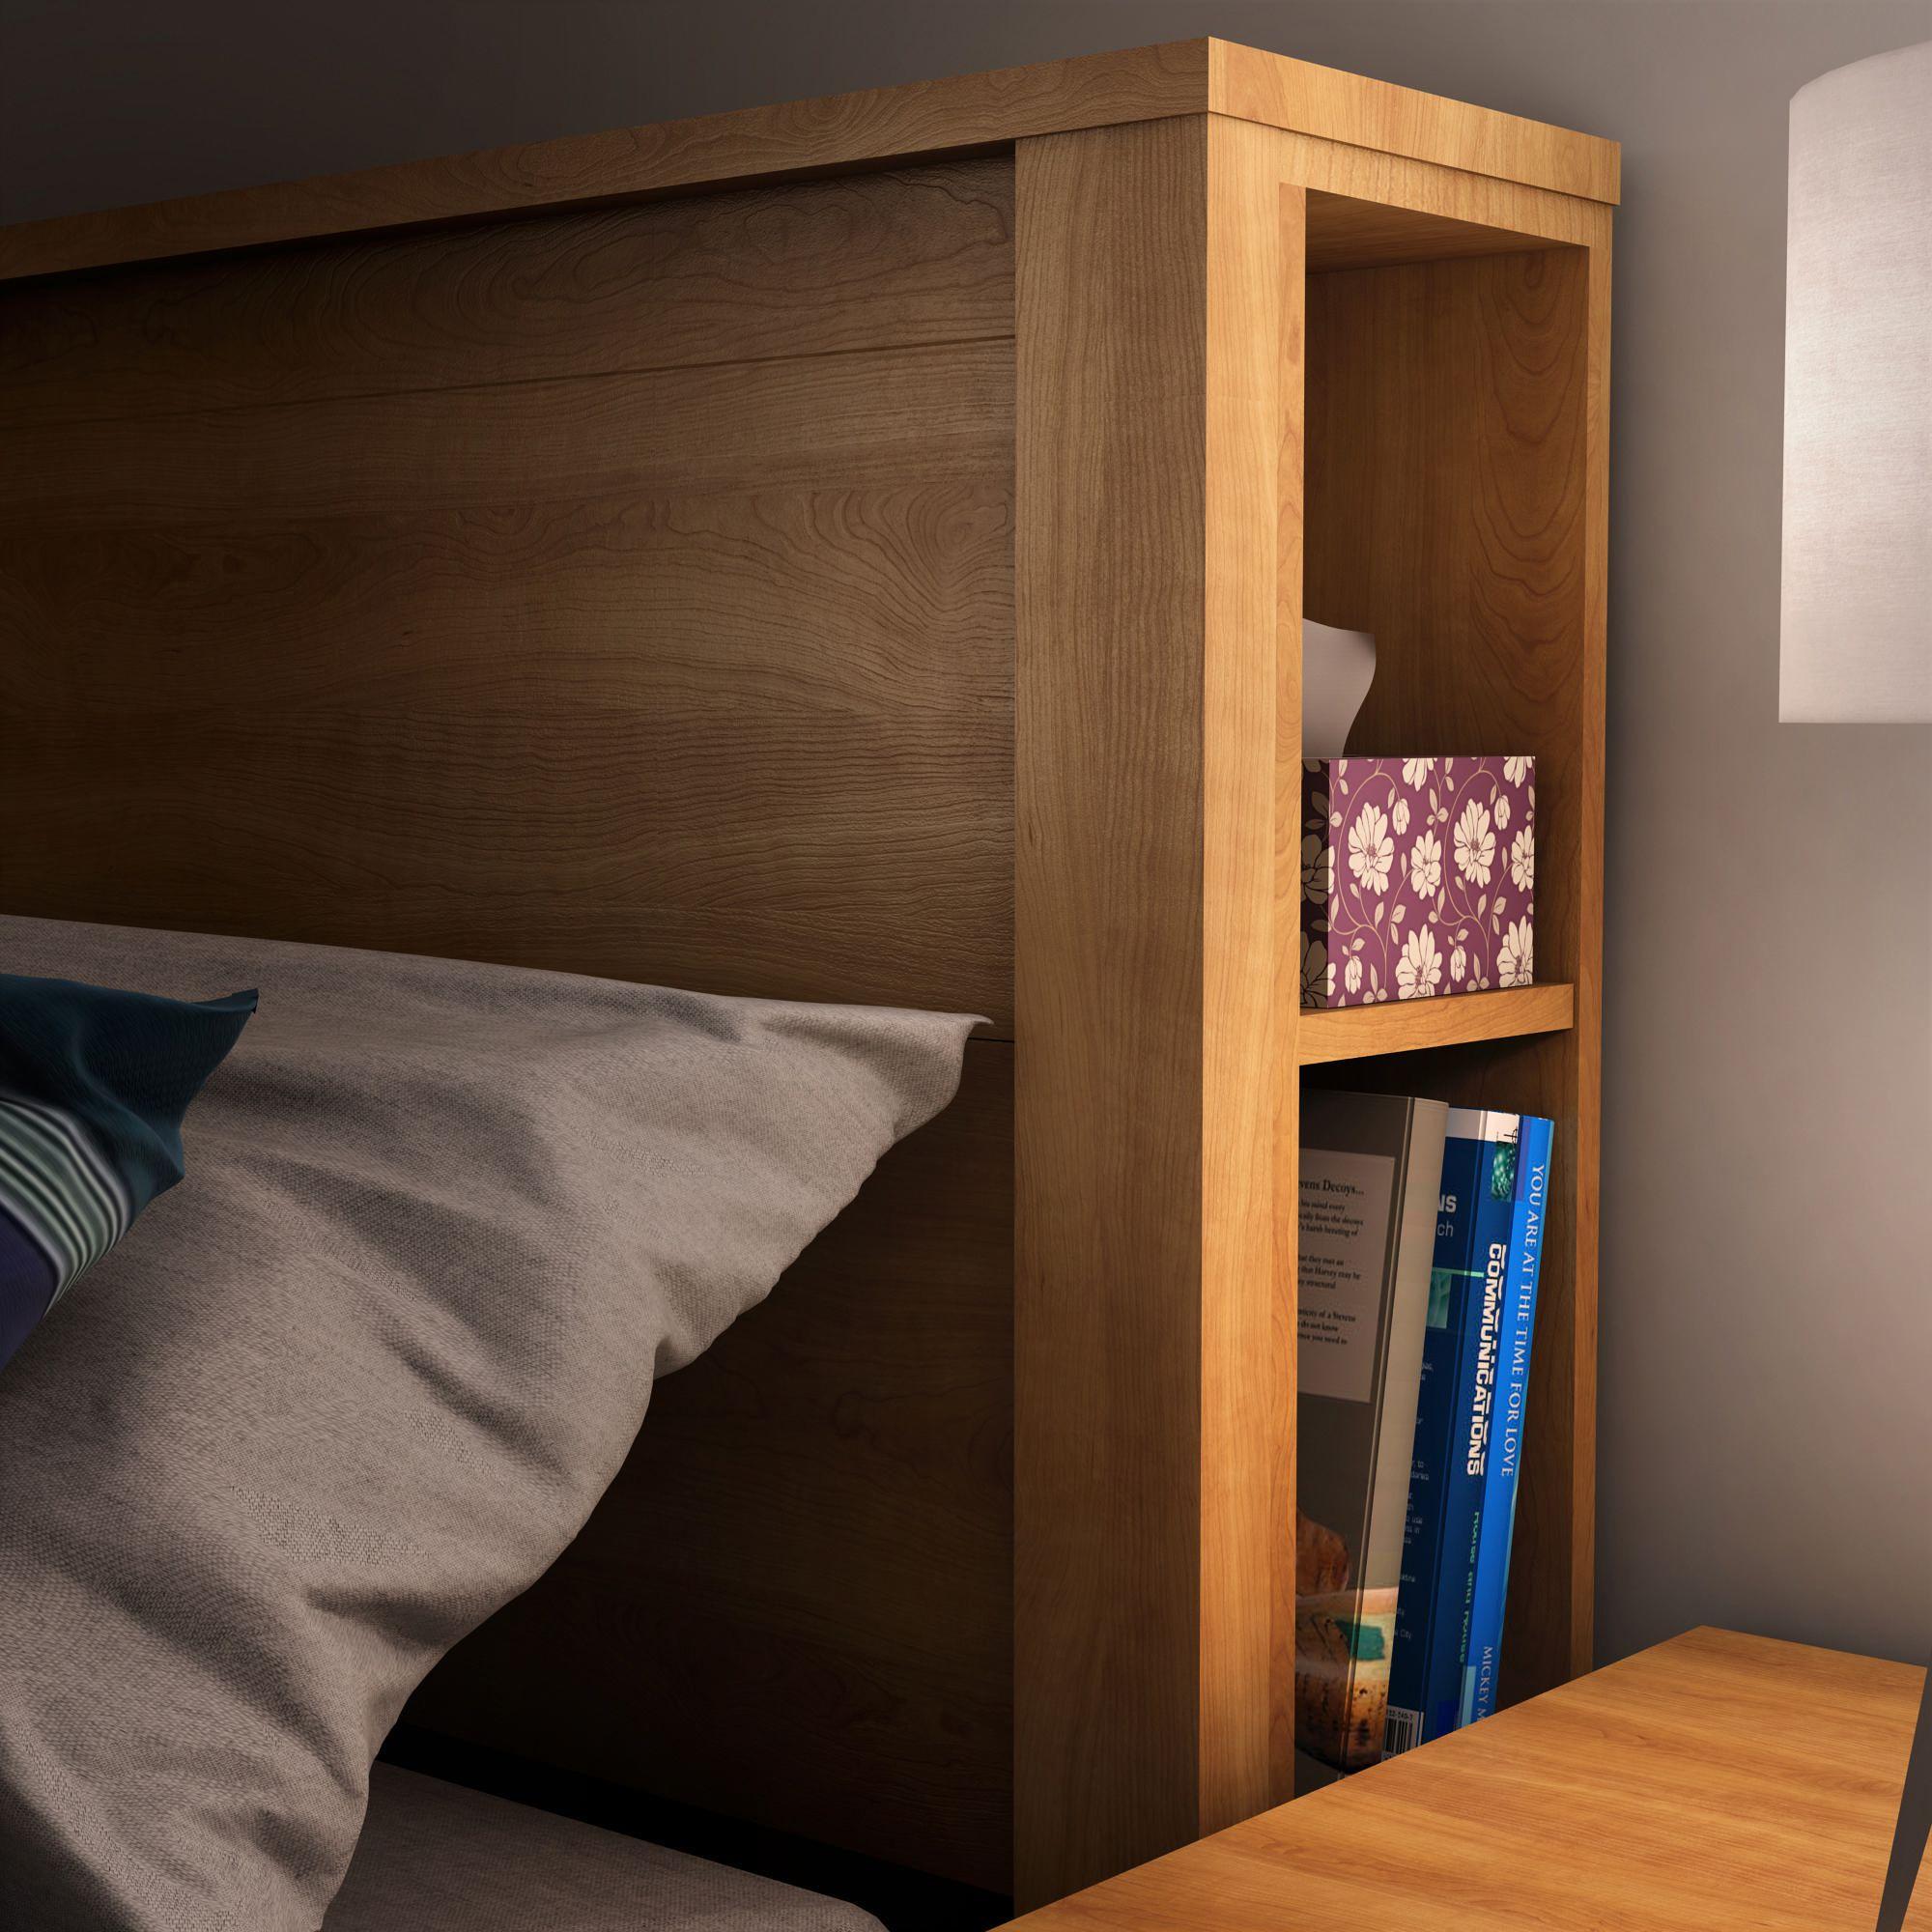 lit avec rangement tete de lit fashion designs. Black Bedroom Furniture Sets. Home Design Ideas